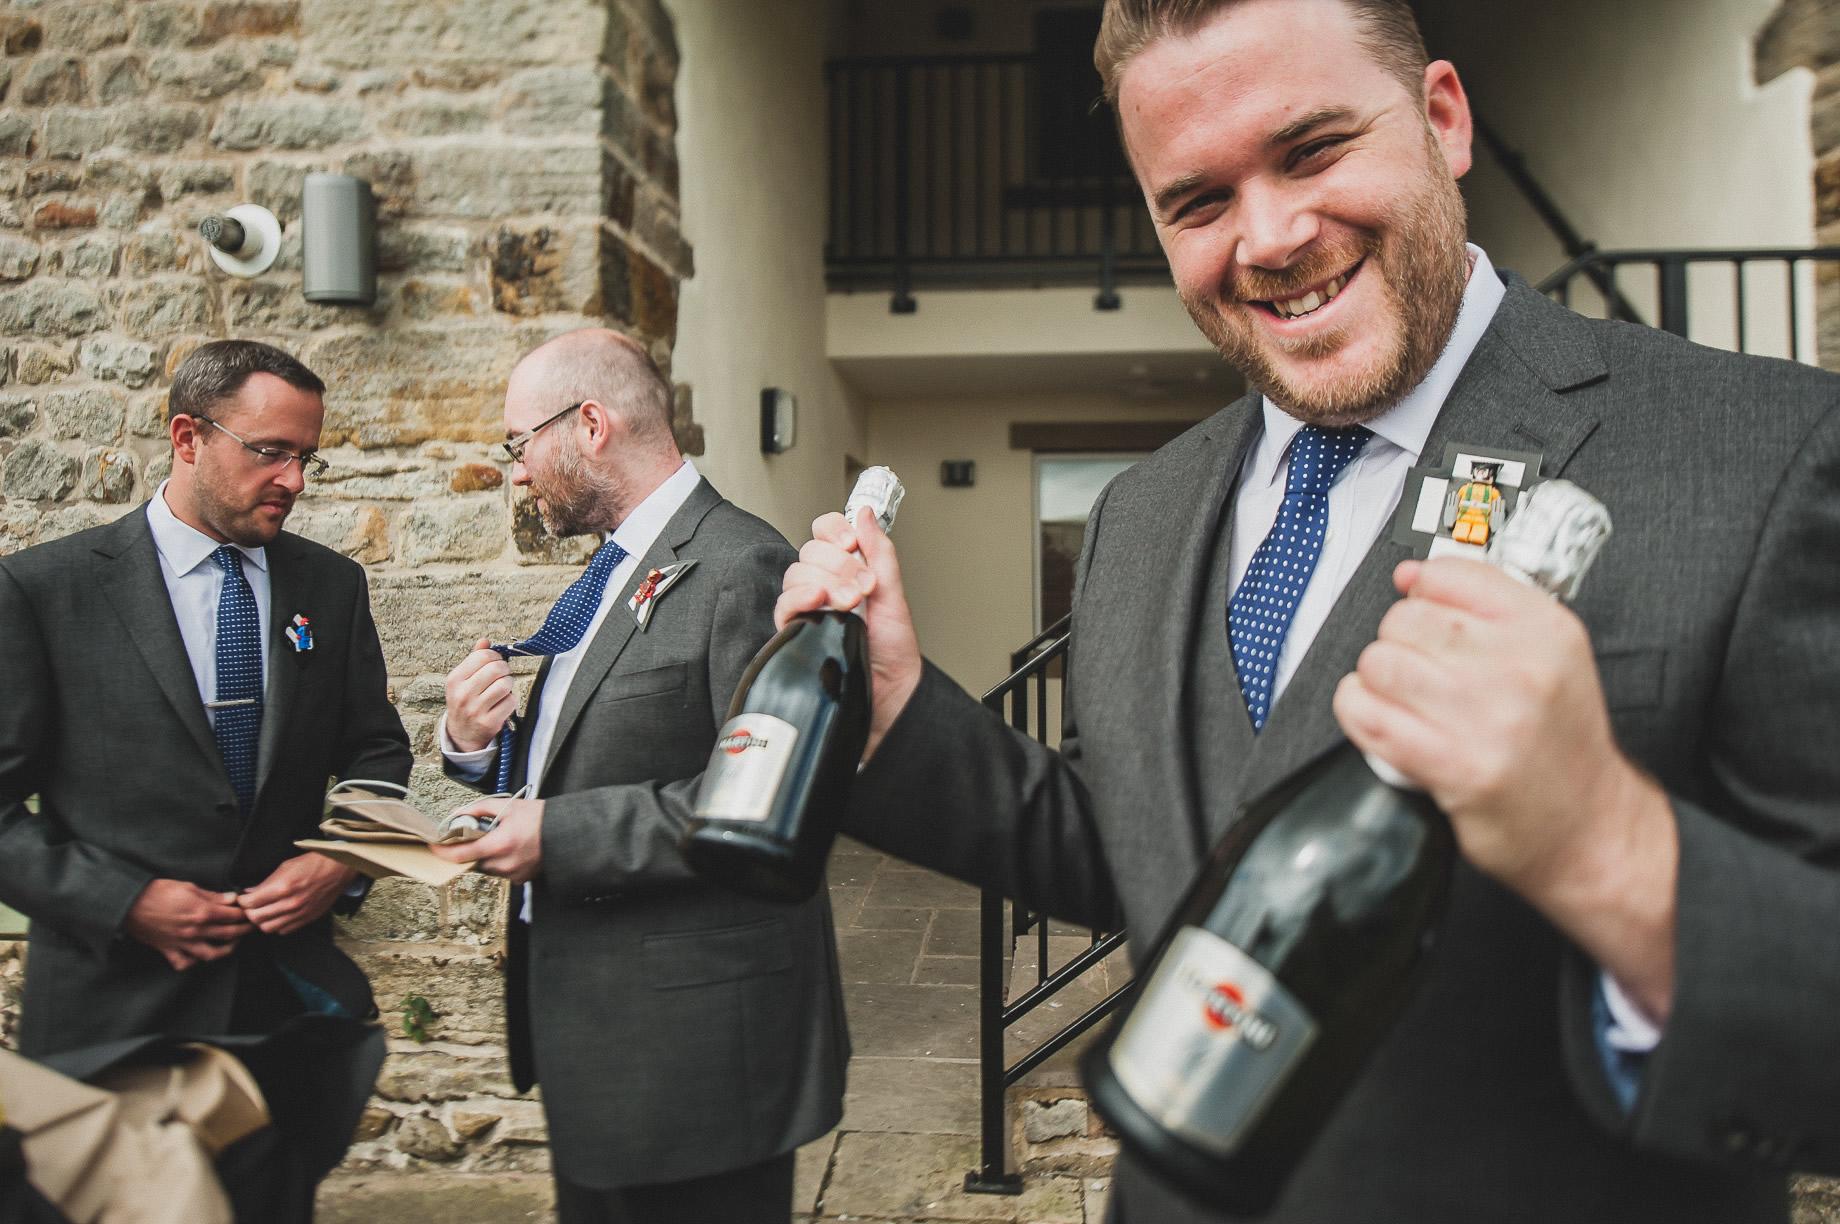 Becky and John's Wedding at Slaidburn Village Hall 022